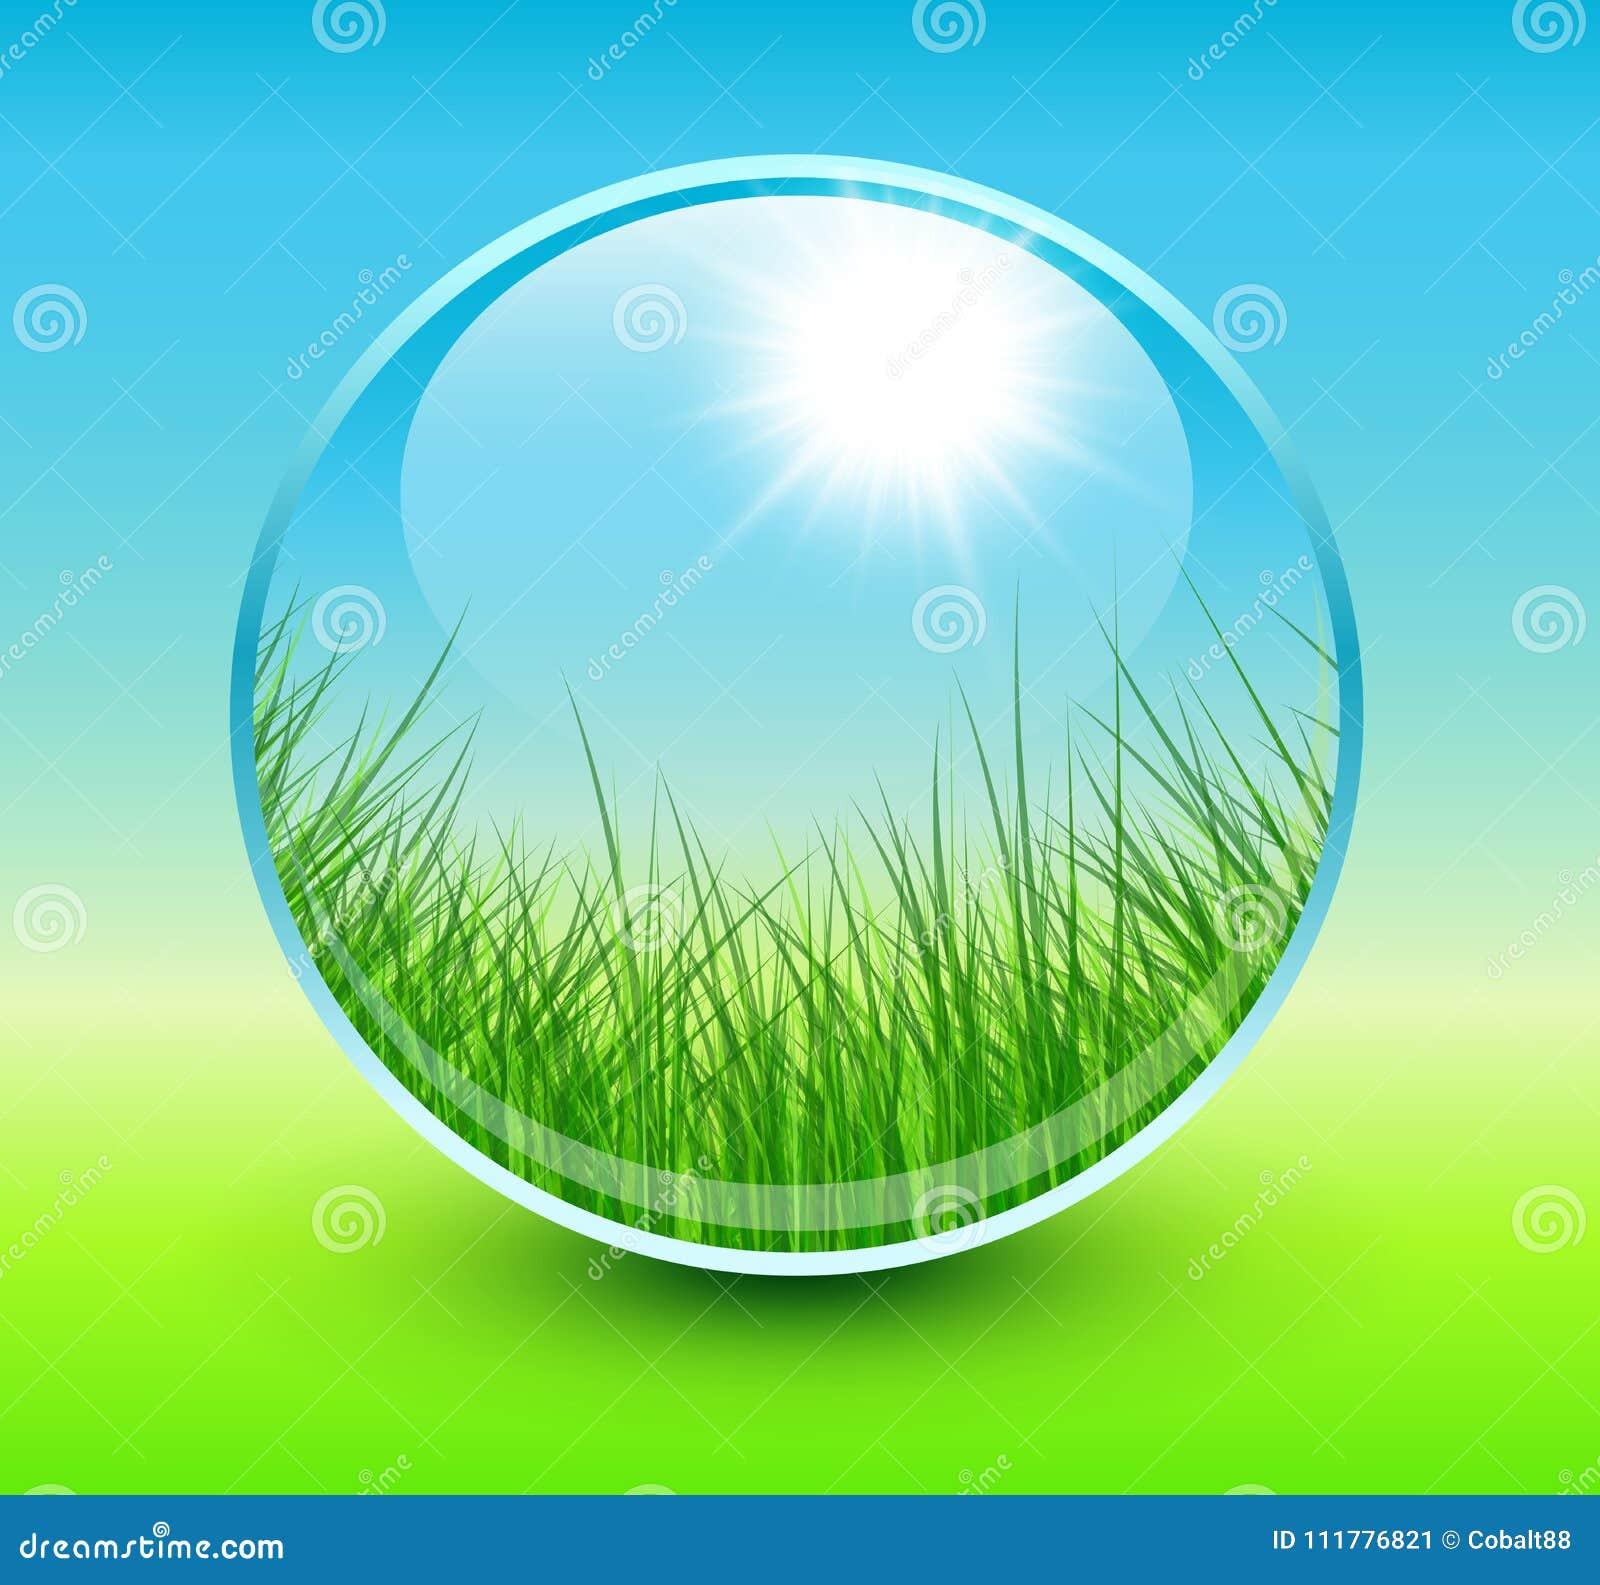 Sfera del fondo della primavera con erba dentro